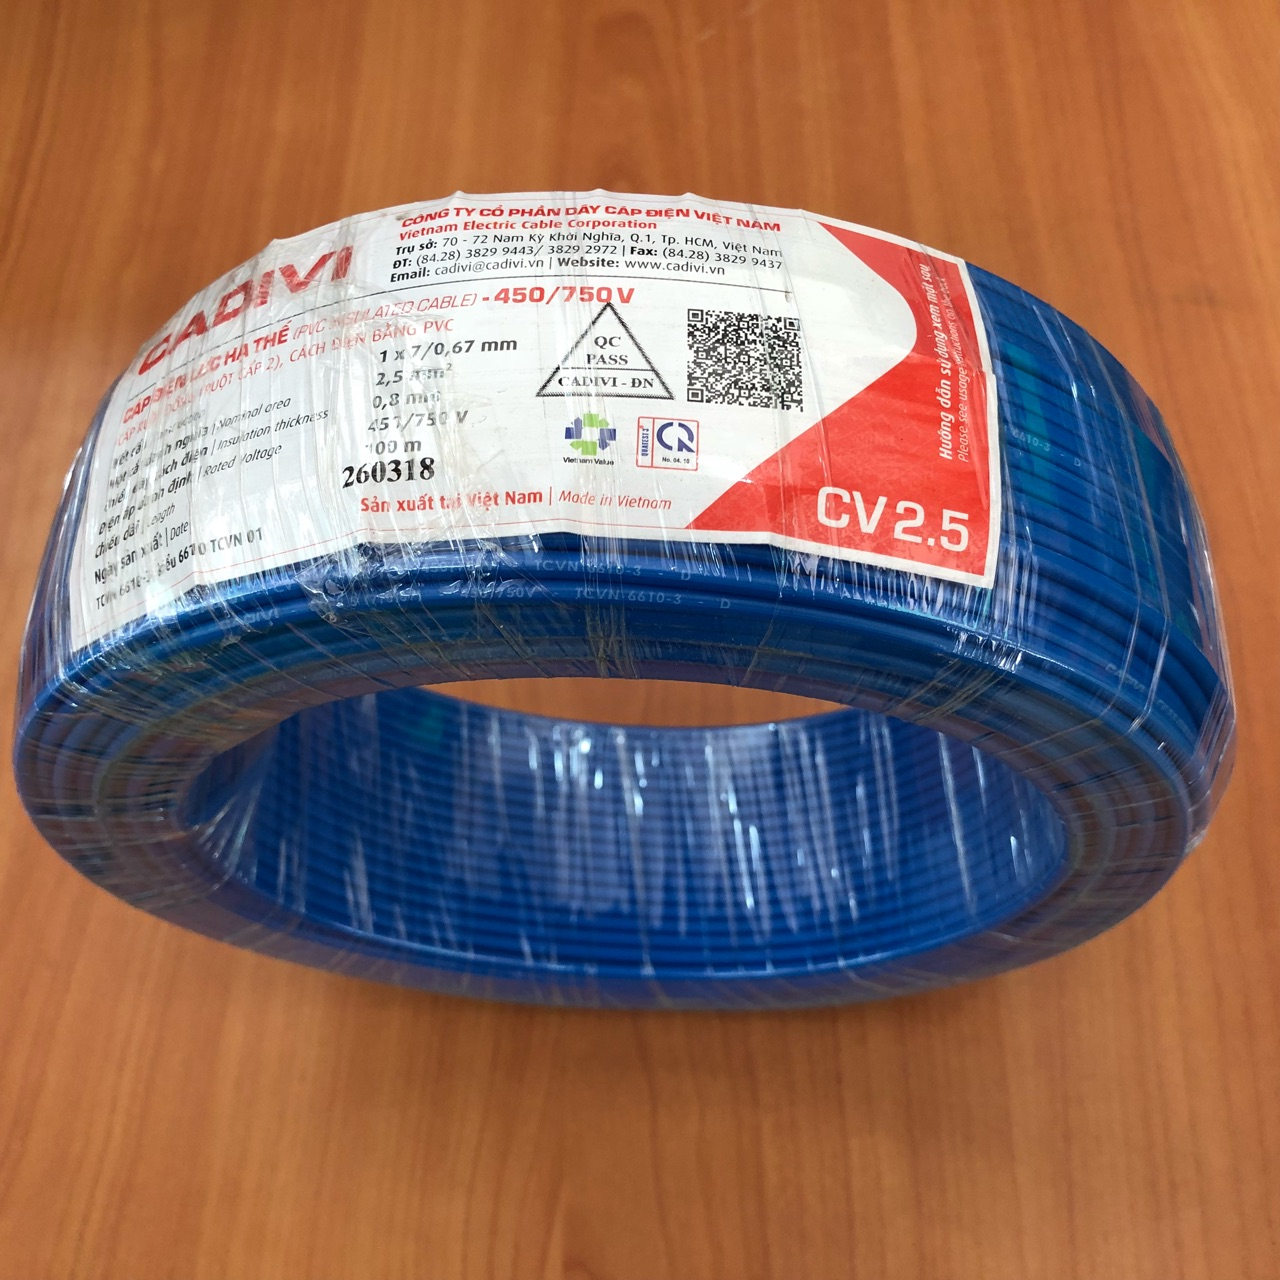 Dây điện đơn CV 2.5 - 0.6/1kV màu xanh dương Cadivi, ruột đồng vỏ bọc nhựa pvc Cadivi